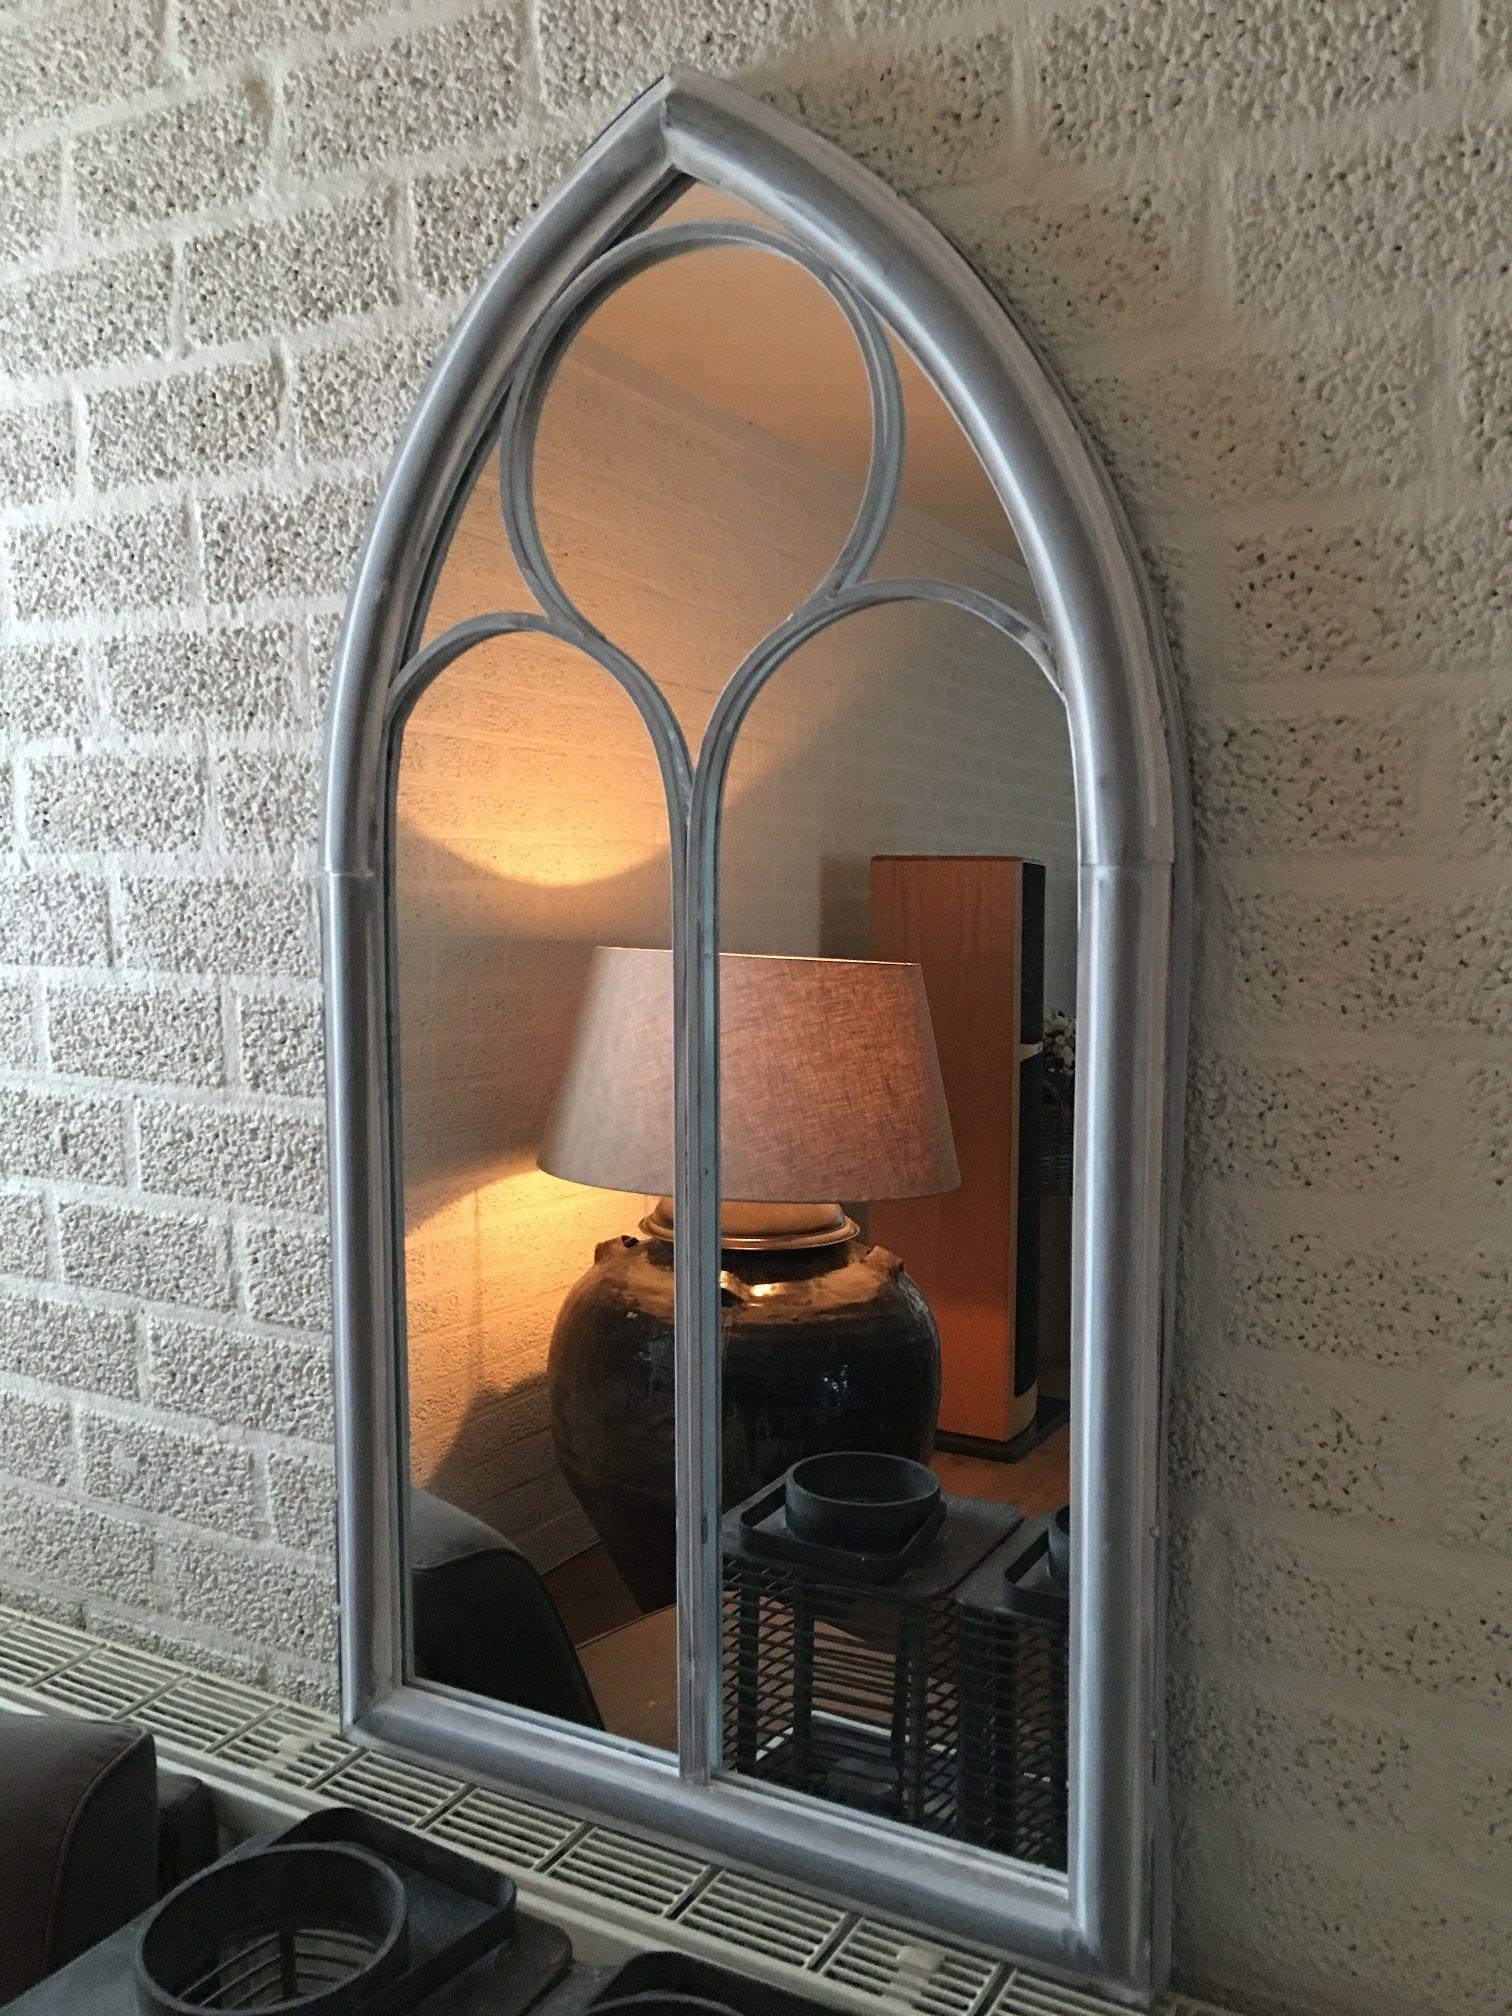 Grote forse kerkspiegel heel fraai in vorm deco rustique be - Huis deco exterieur ...